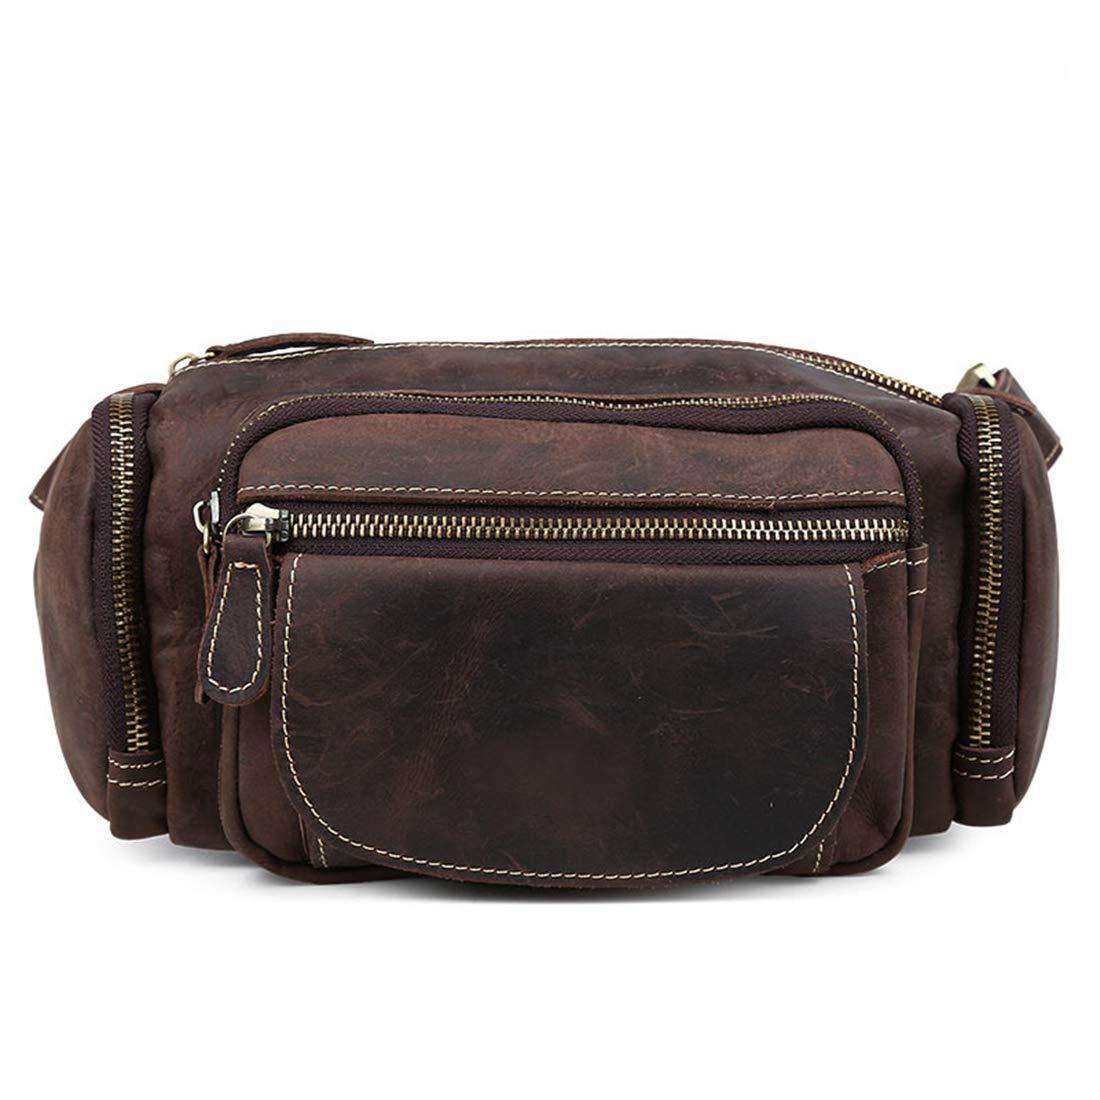 人民の東の道 本革ファニーパックブラウンウエストバッグ旅行ハイキングバンプバッグ、クロスボディバッグ (色 : Dark brown) B07T6F7985 Dark brown